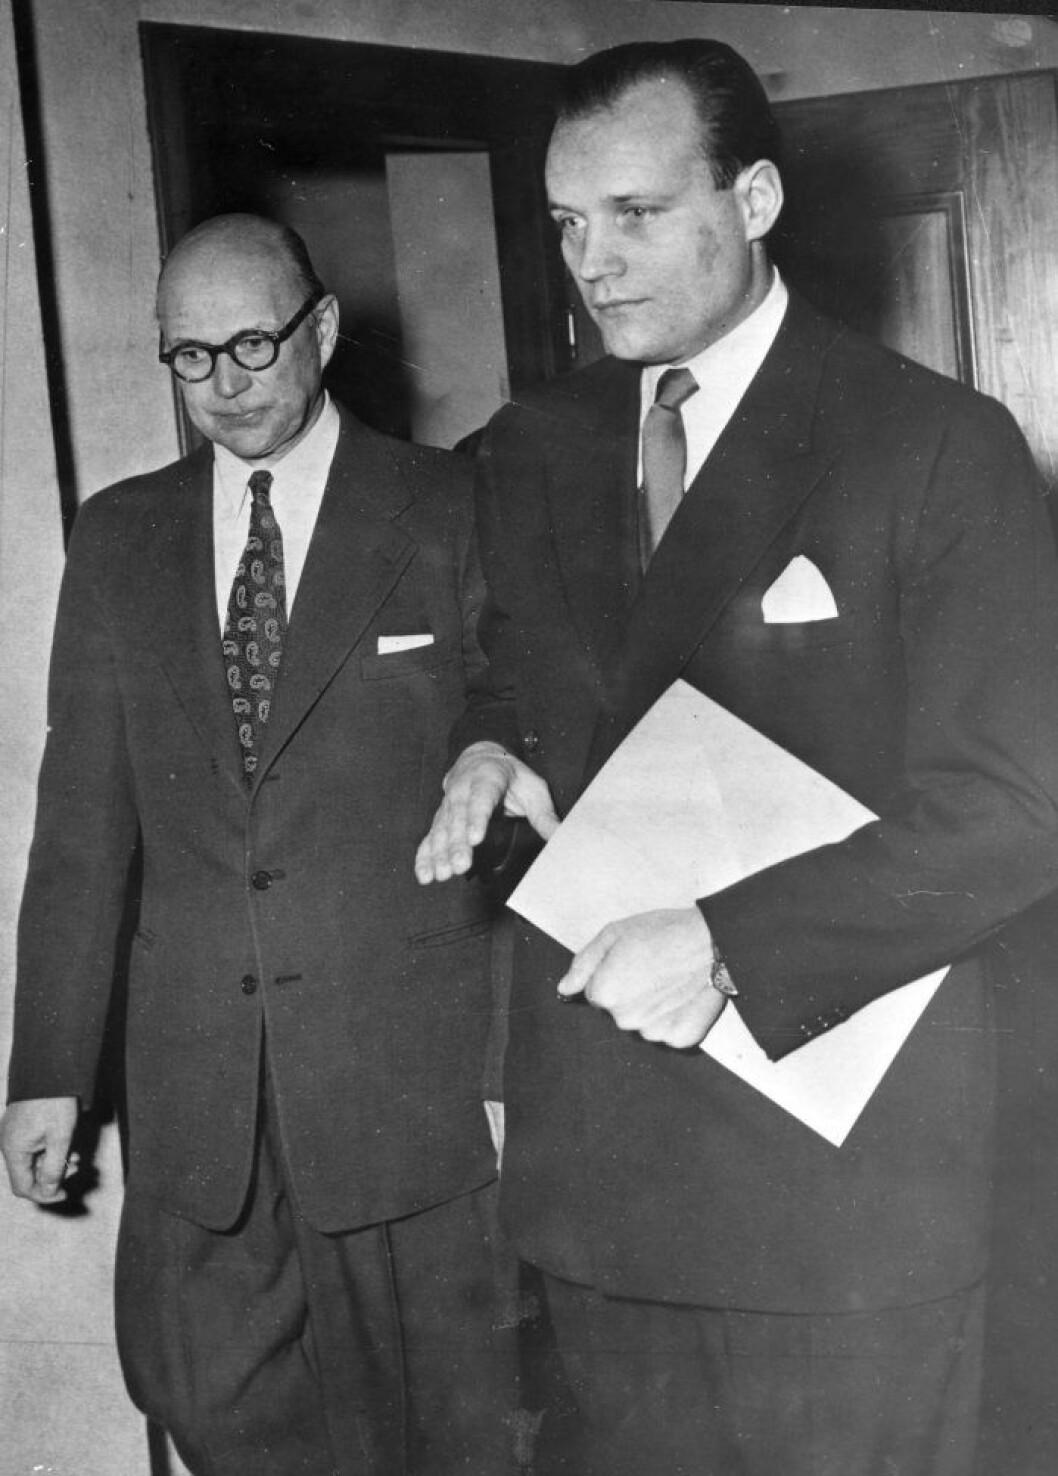 Kurt Haijby till vänster, fotograferad 1952.